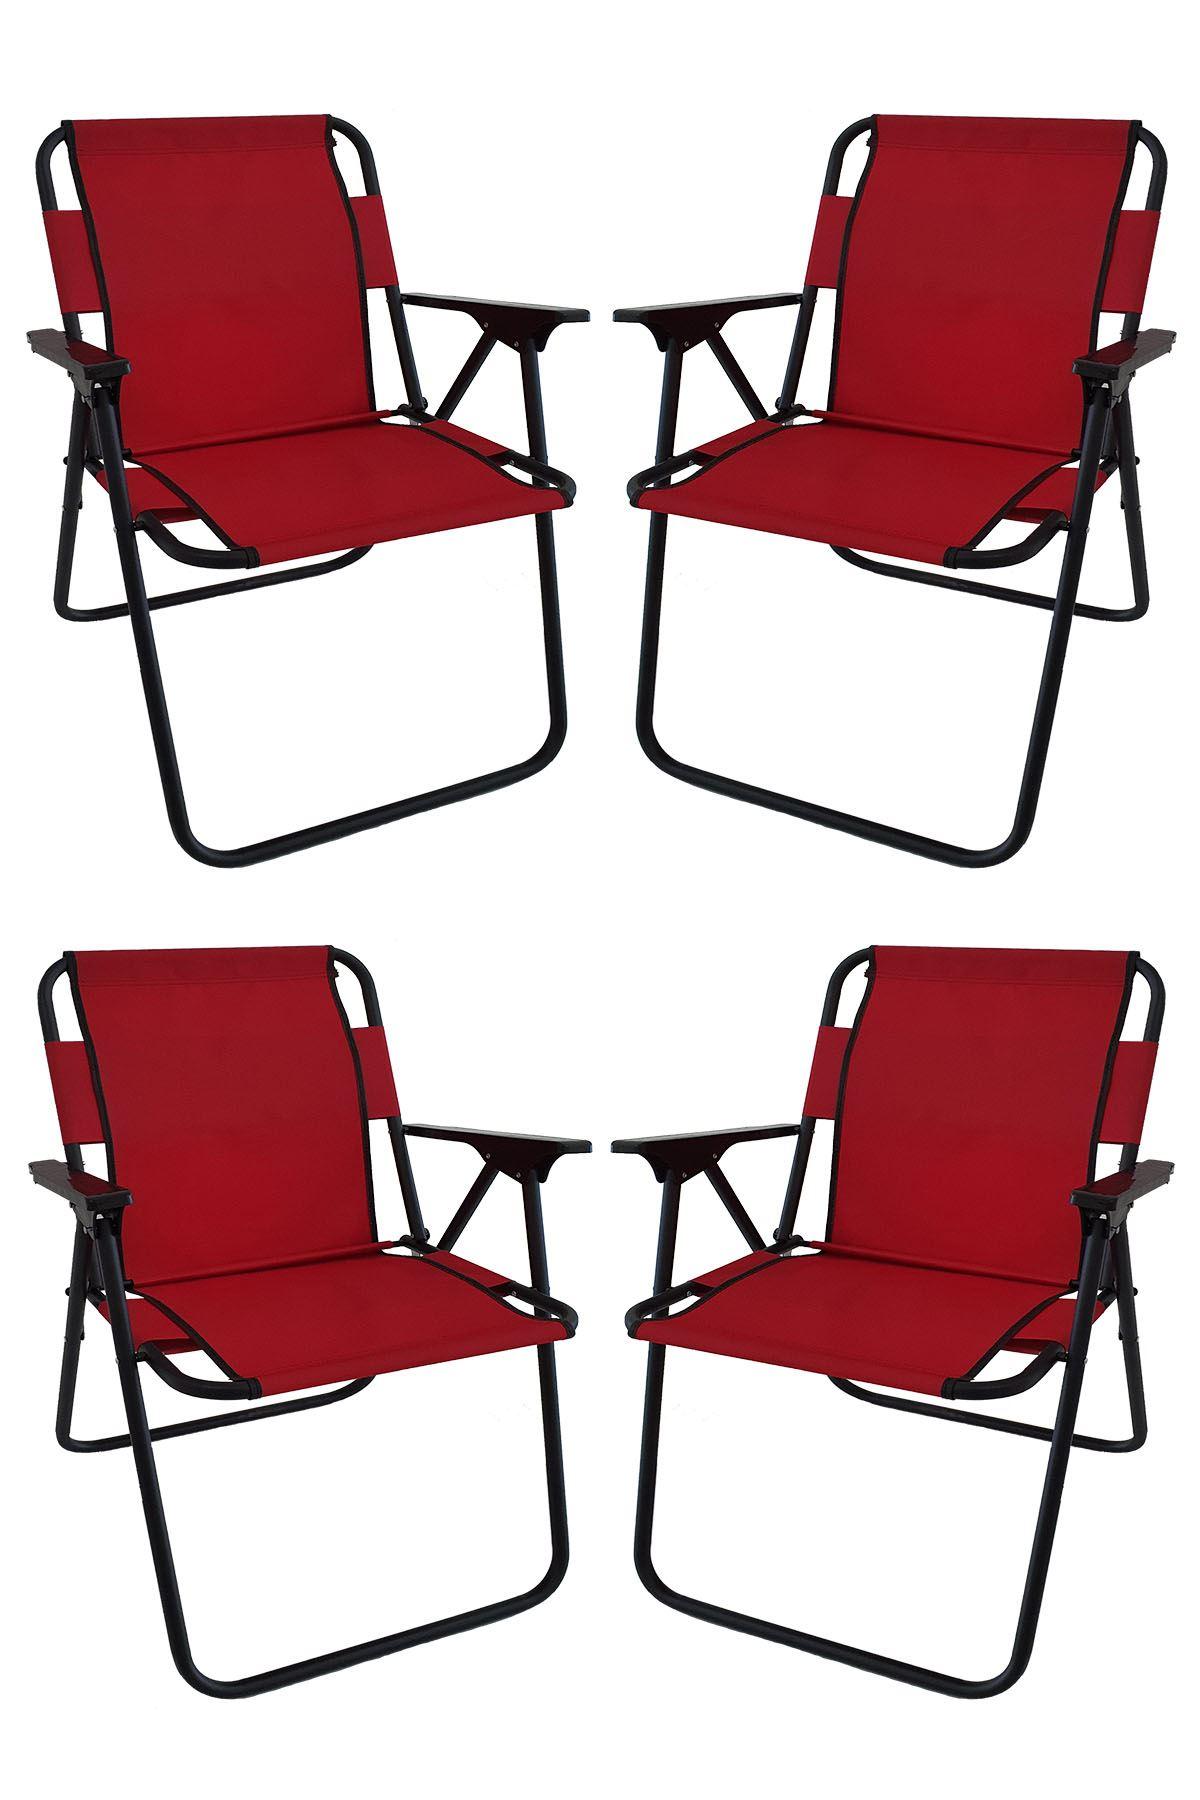 Bofigo 4 Adet Kamp Sandalyesi Katlanır Sandalye Piknik Sandalyesi Plaj Sandalyesi Kırmızı